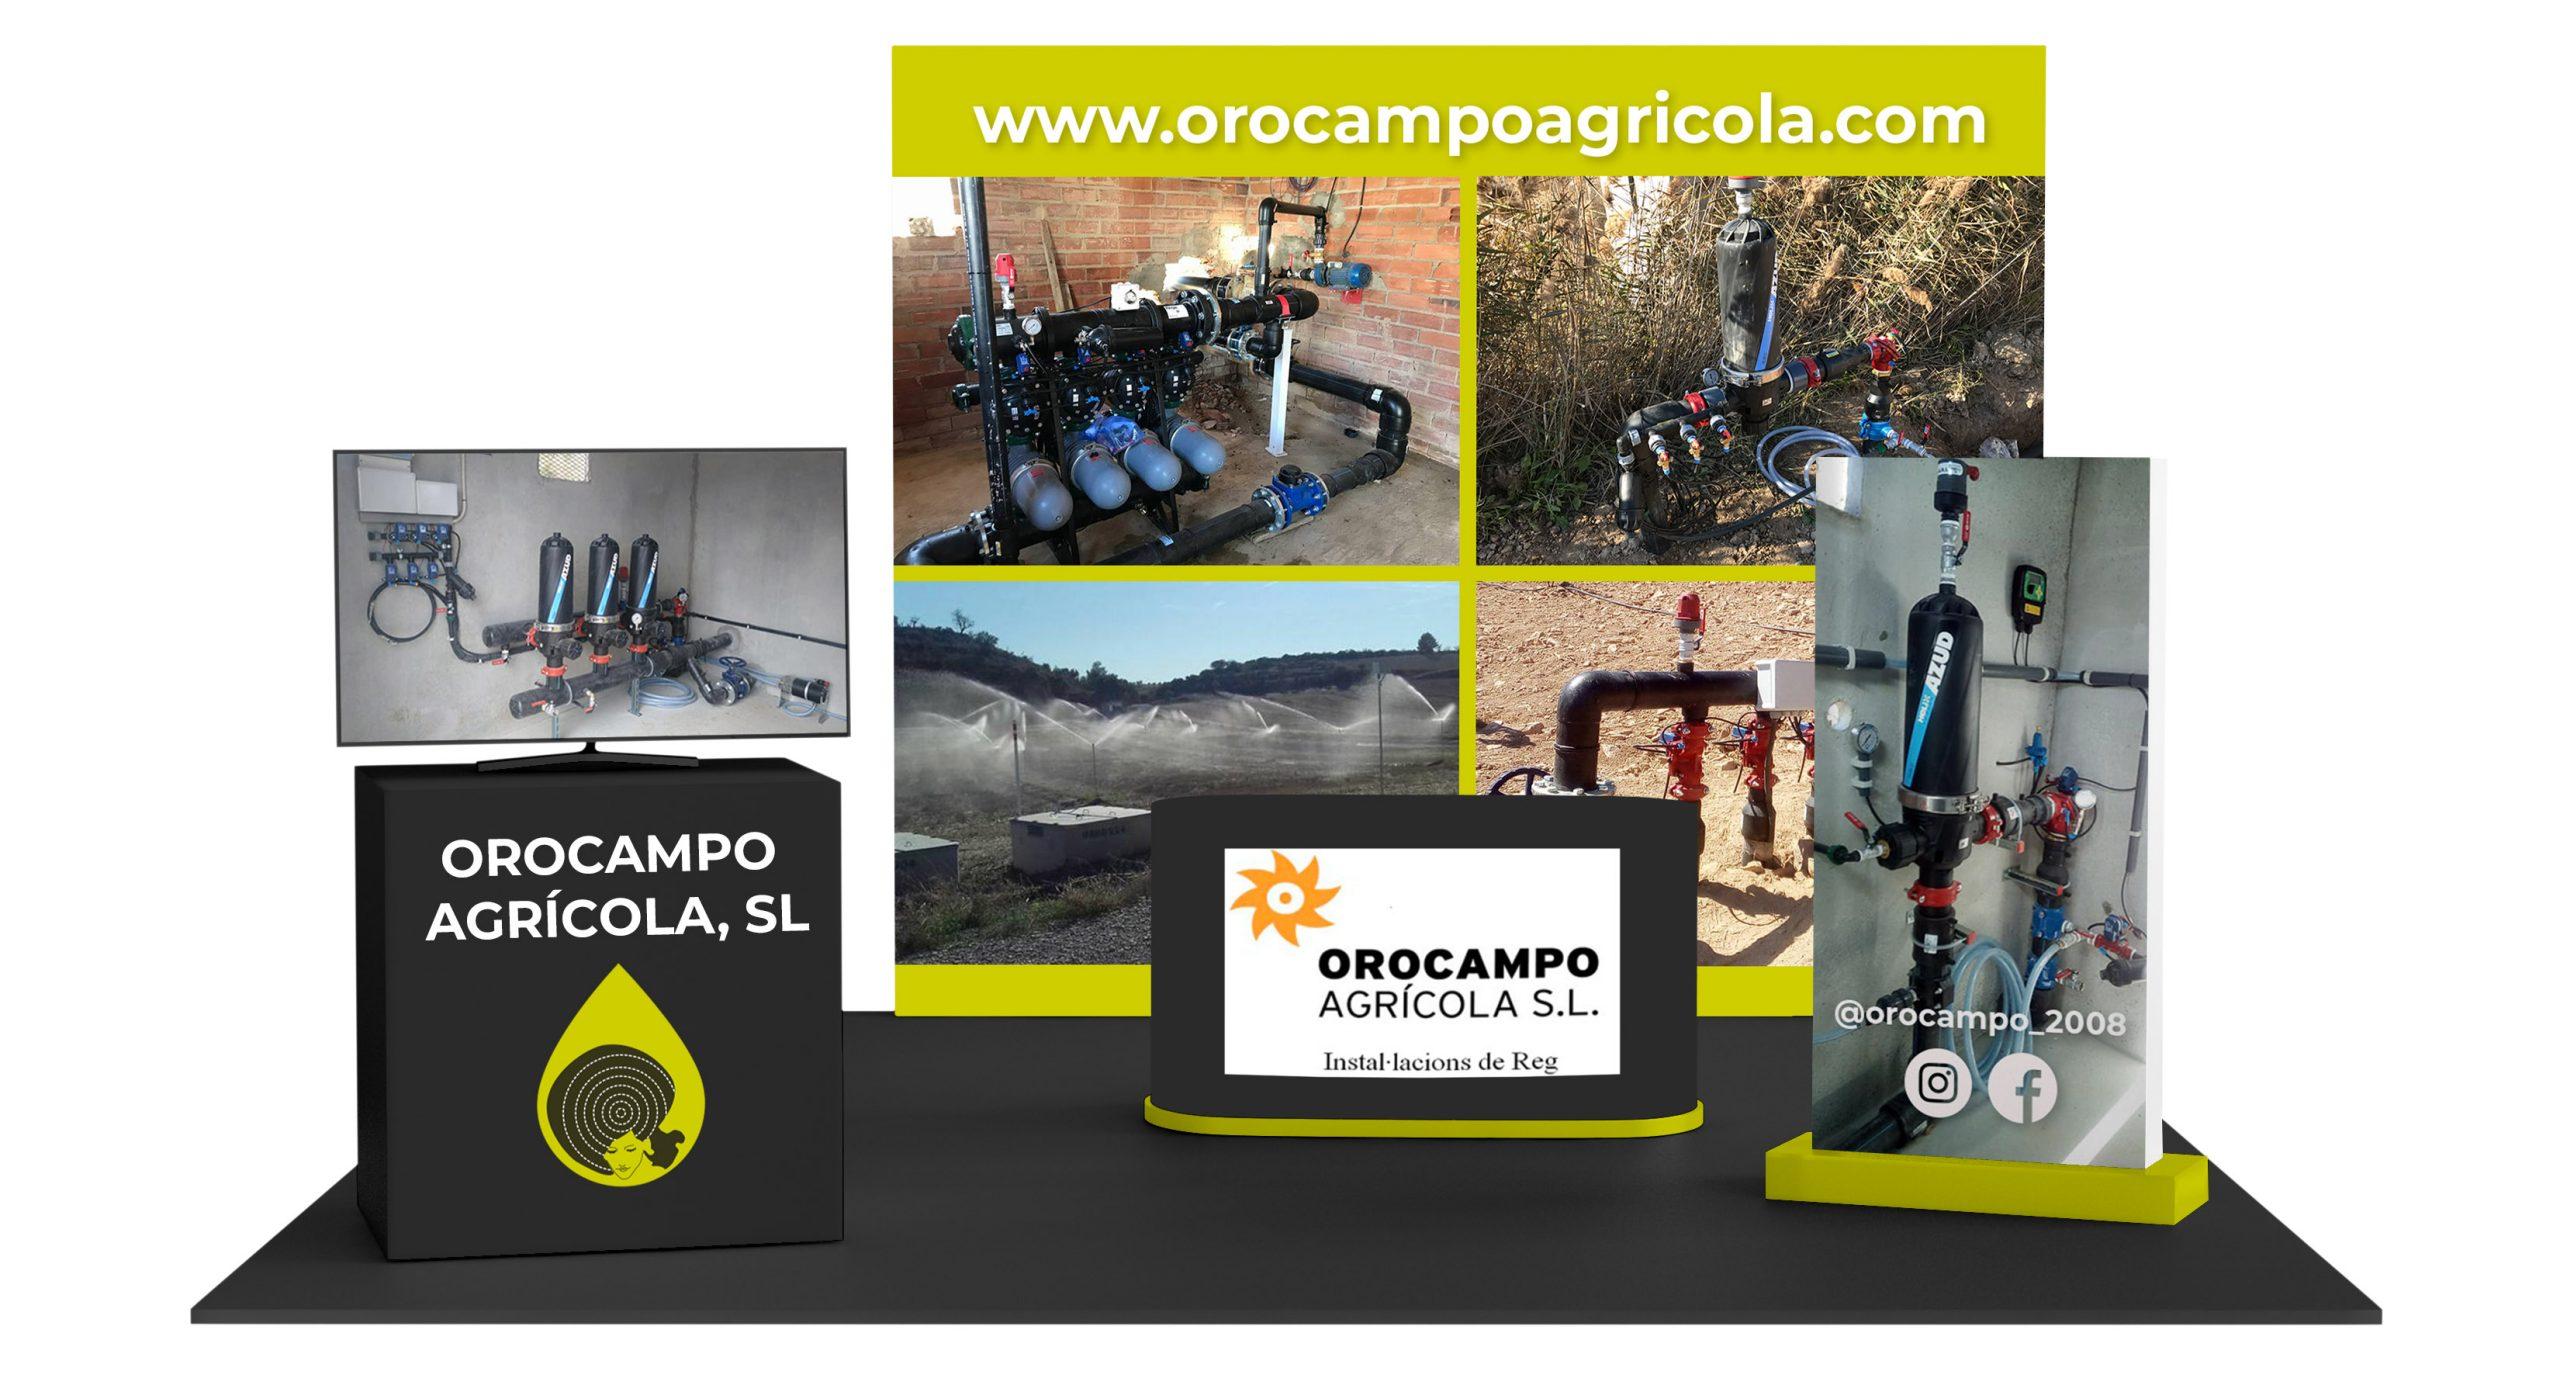 Orocampo